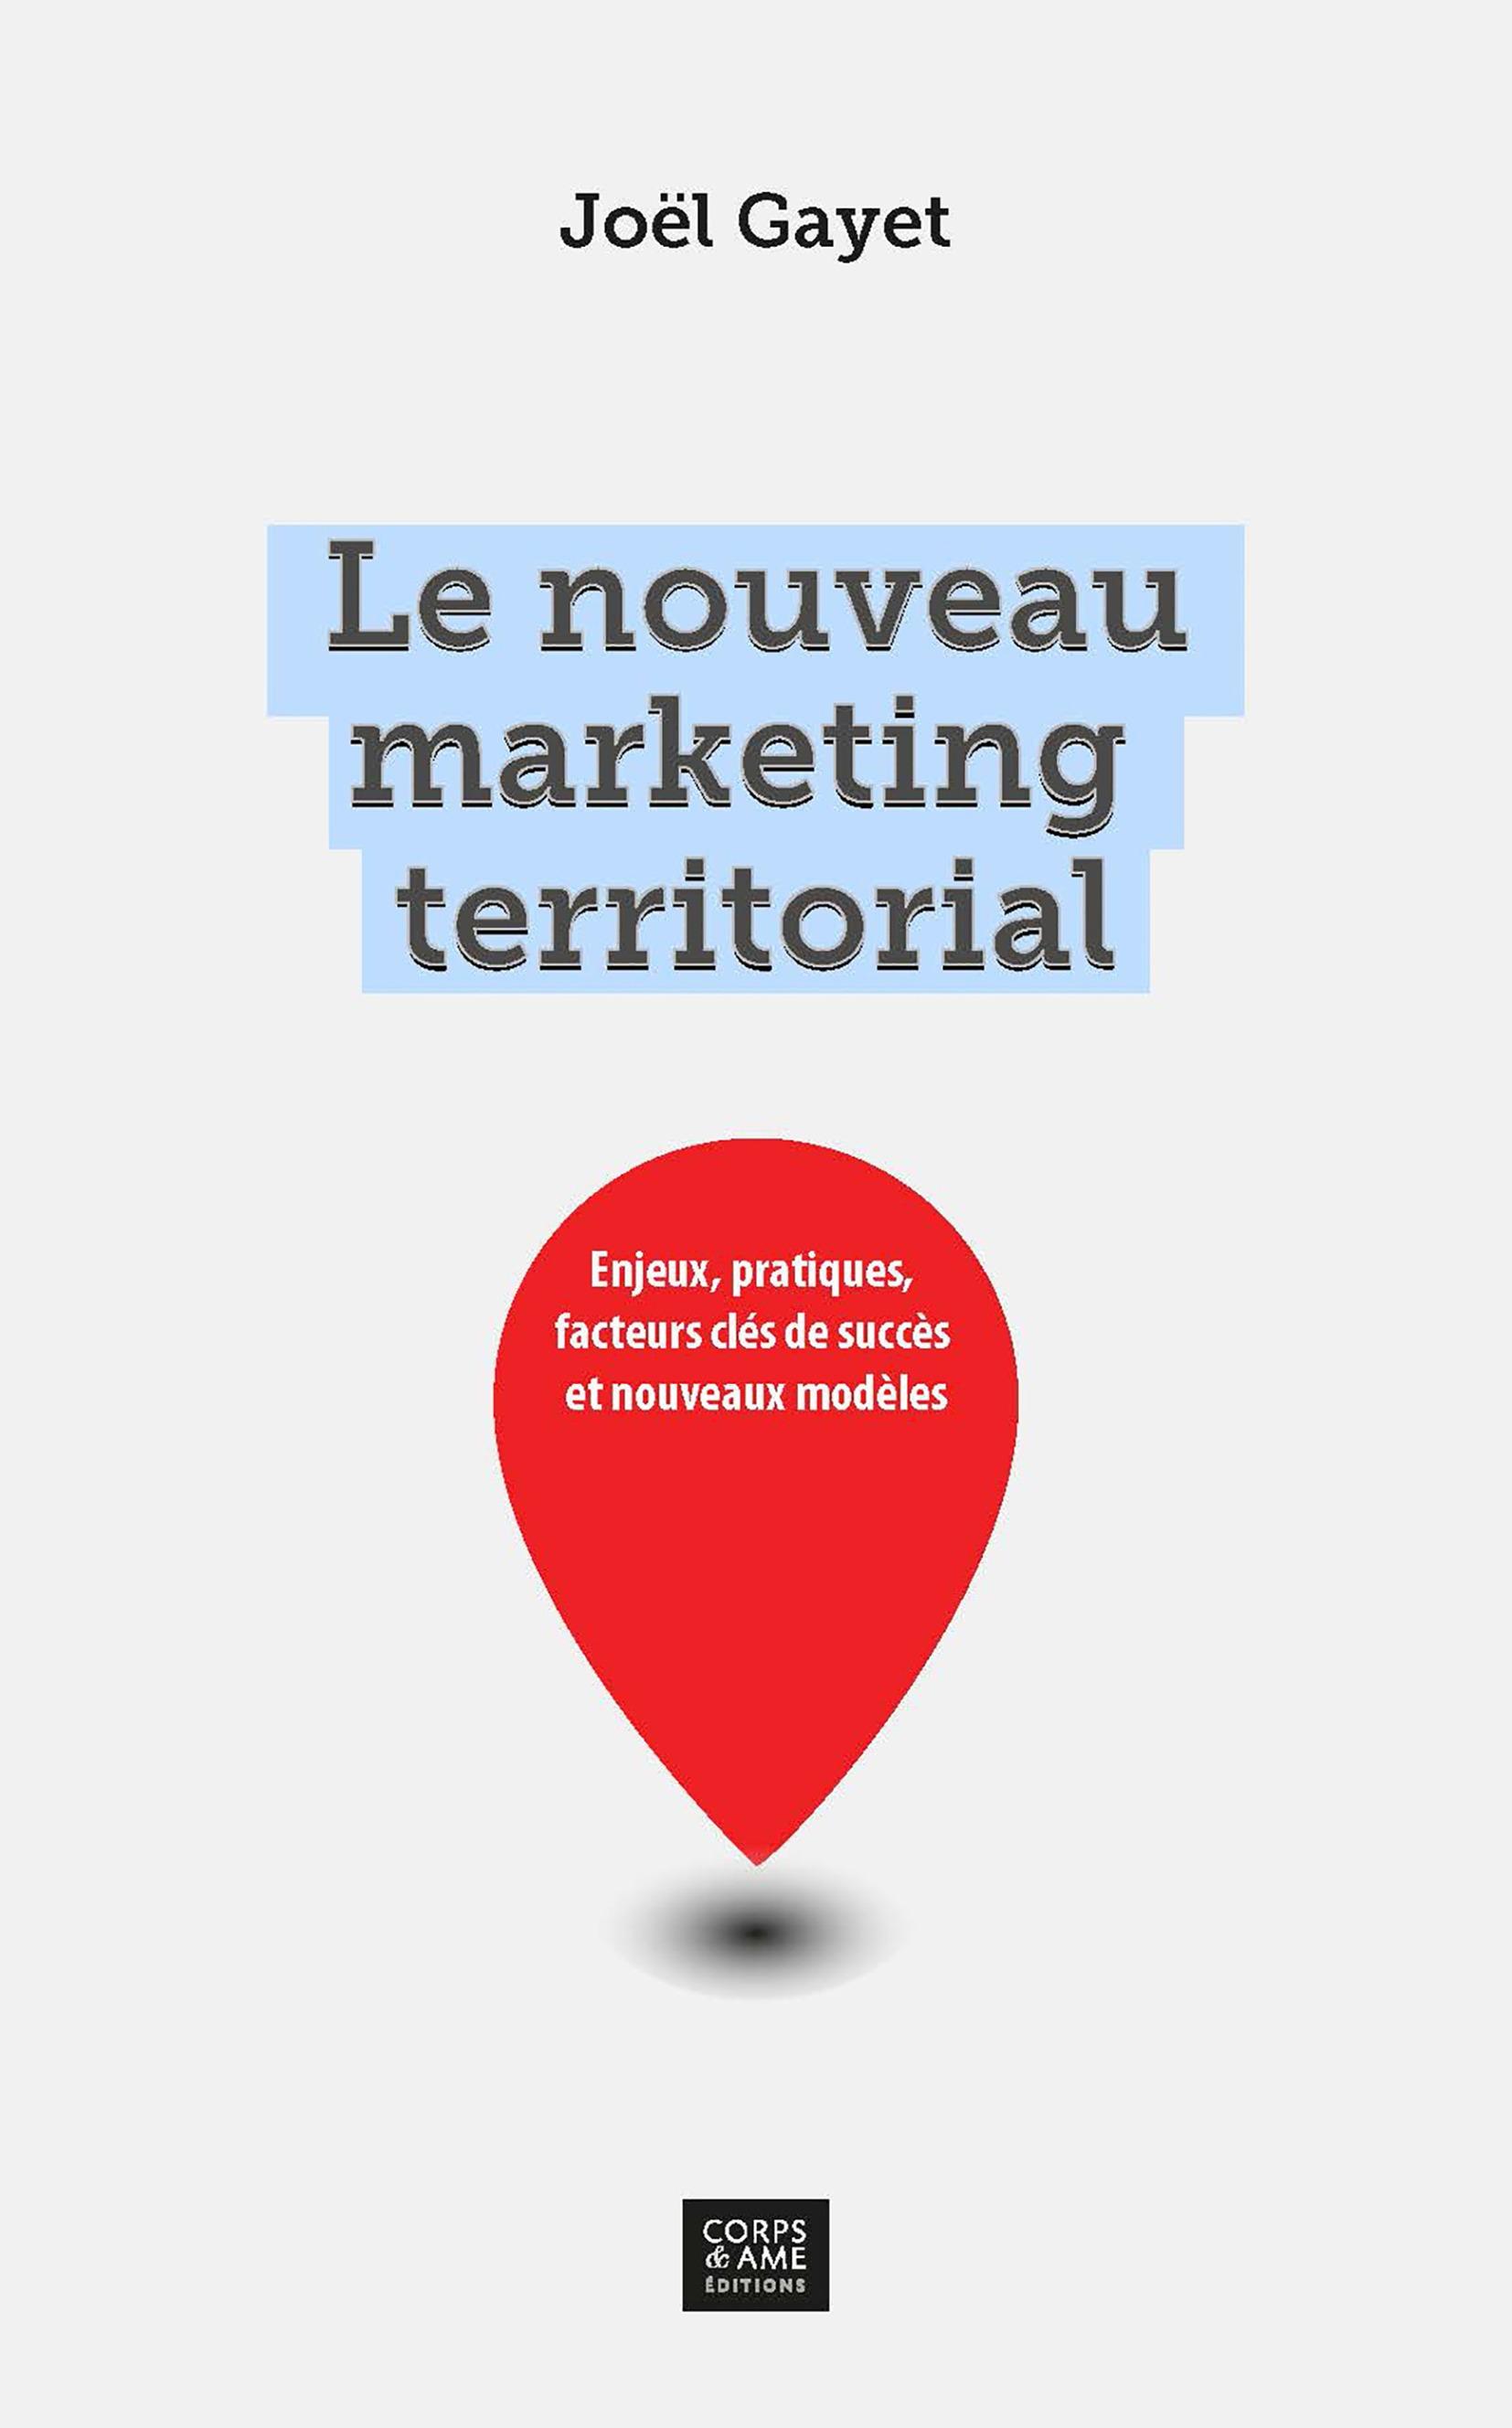 Le nouveau marketing territorial ; vers un marketing du lien ; enjeux, pratiques, facteurs clés de succès et nouveaux modèles